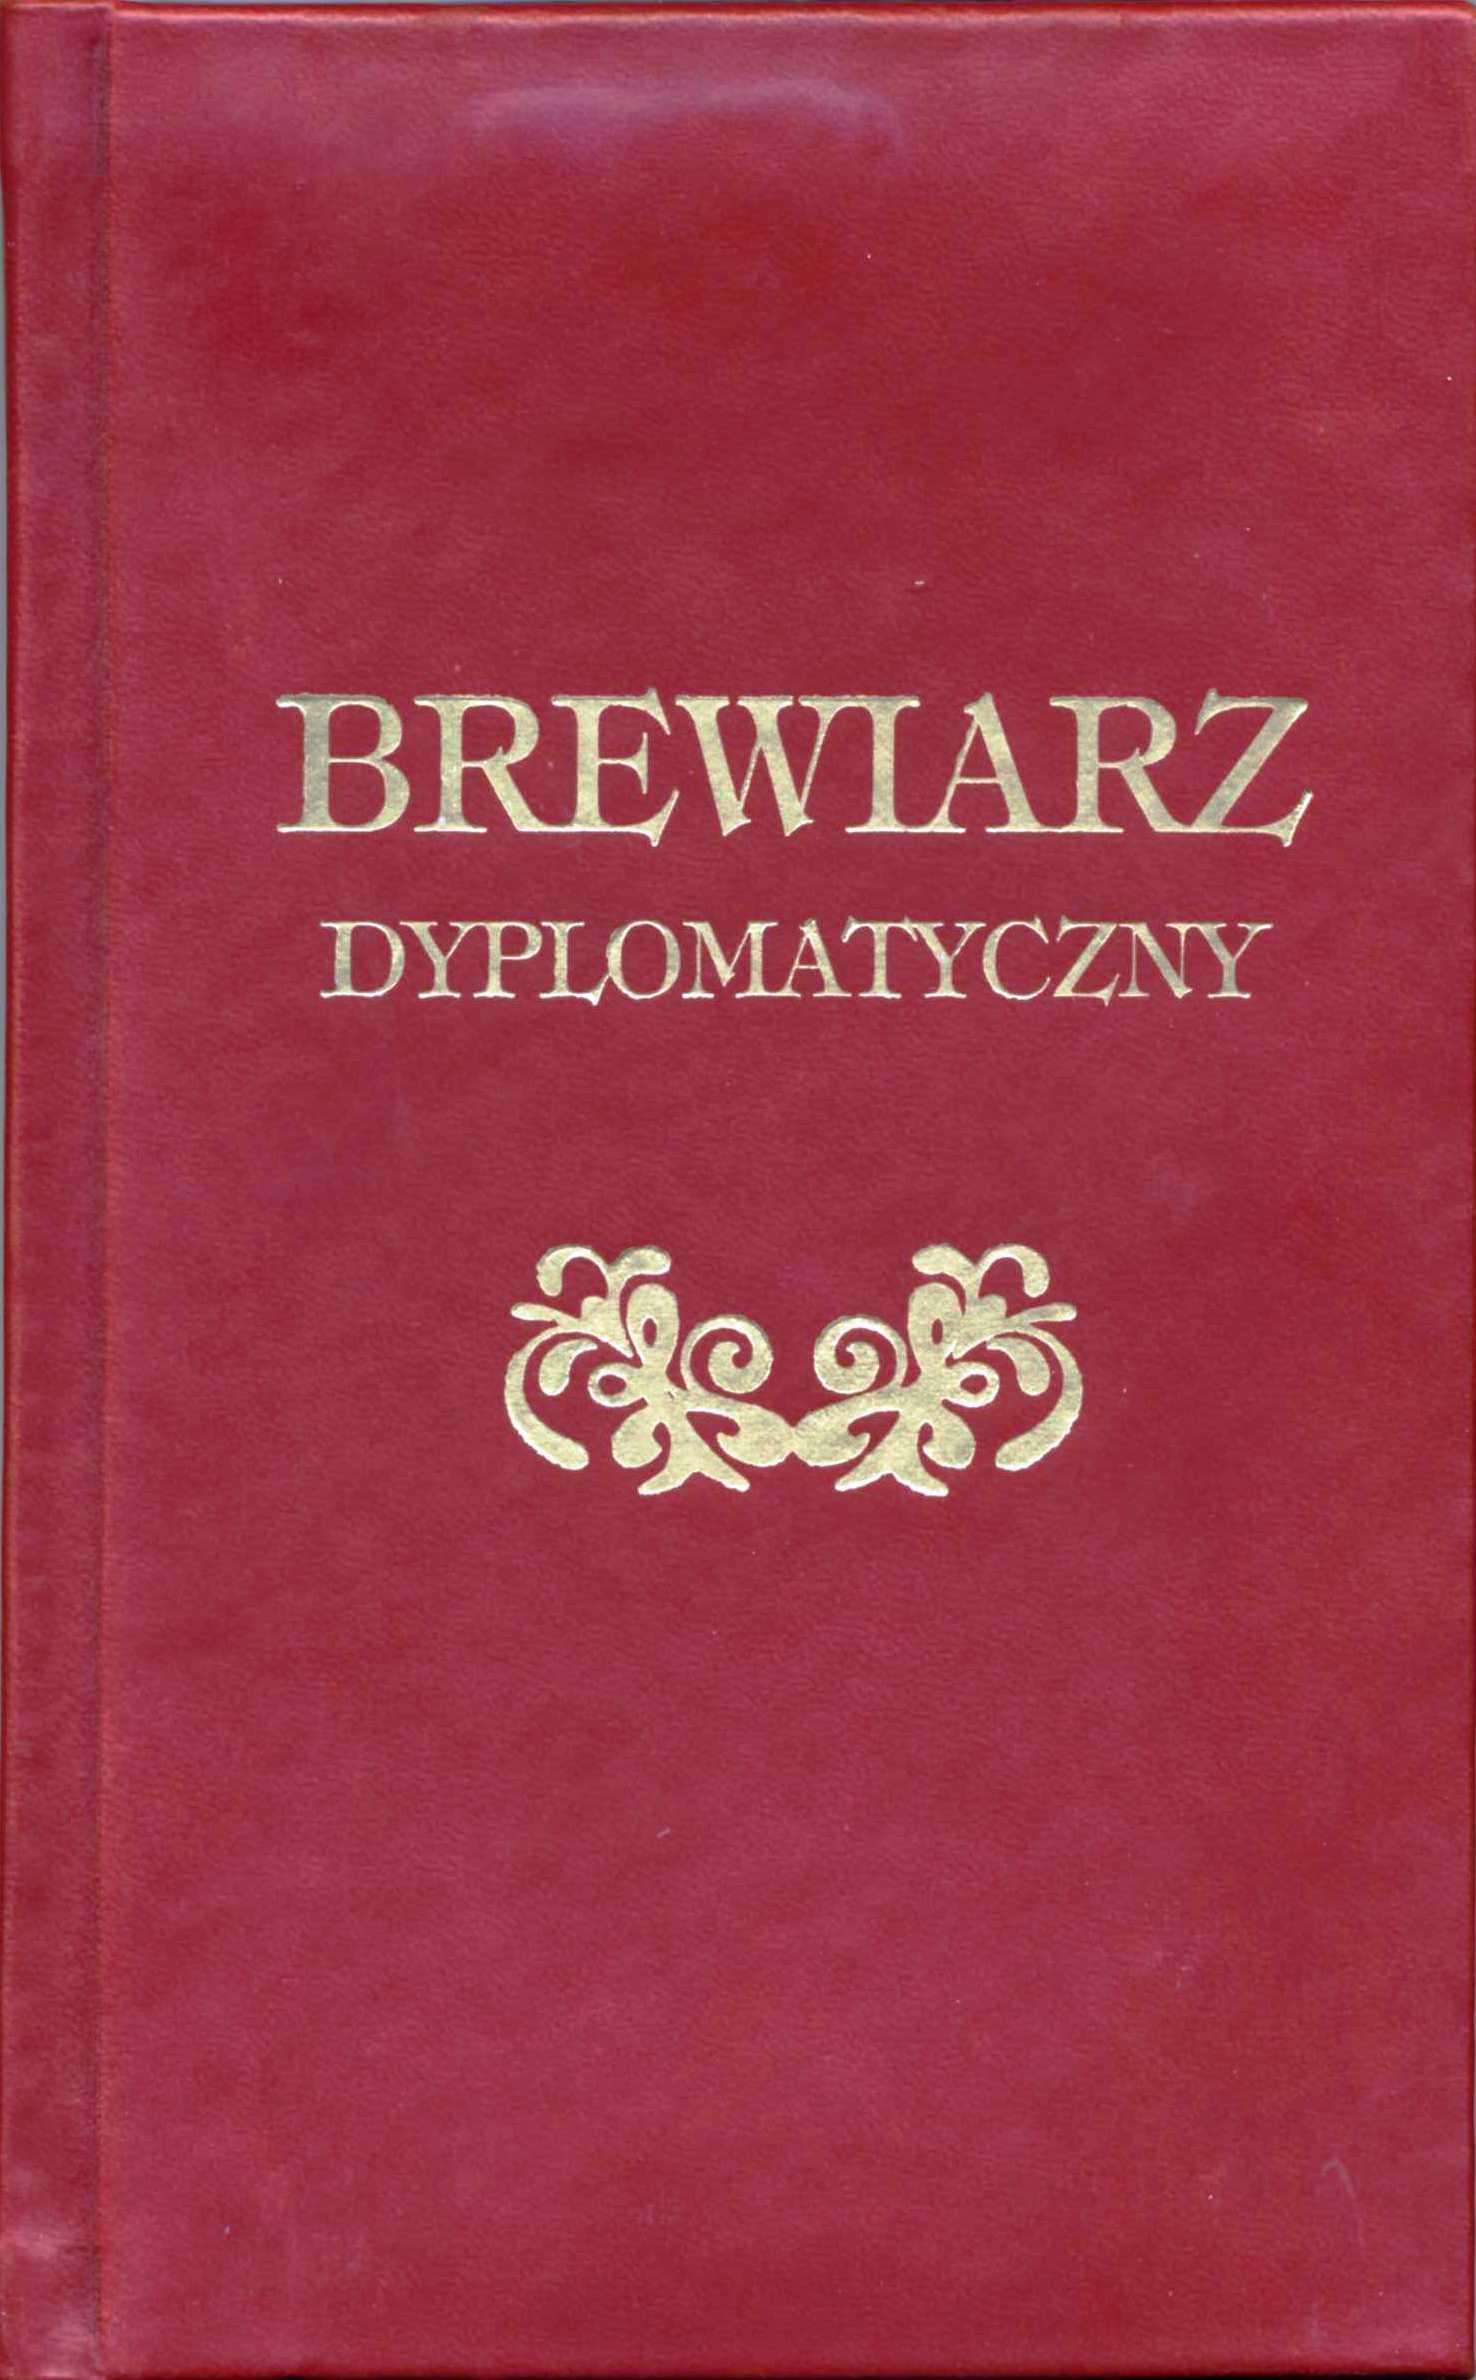 Image of Brewiarz dyplomatyczny - Baltazar Gracjan